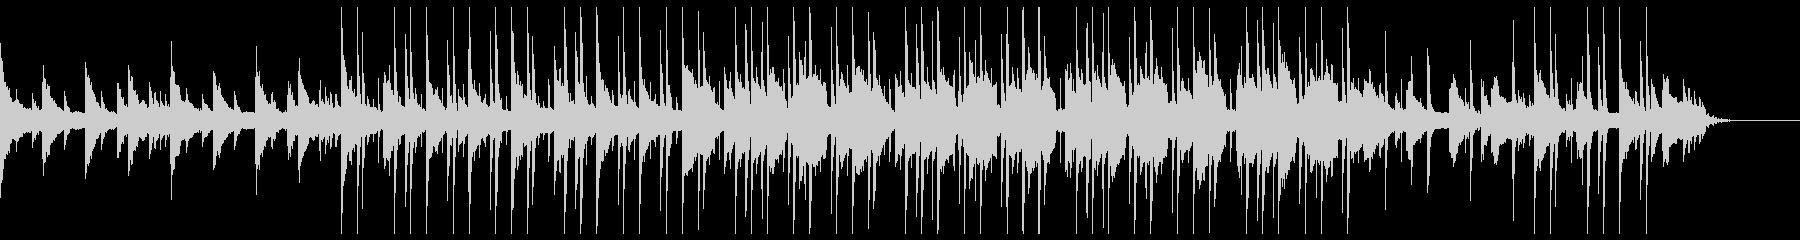 しっとりとしたヒップホップ風BGMの未再生の波形